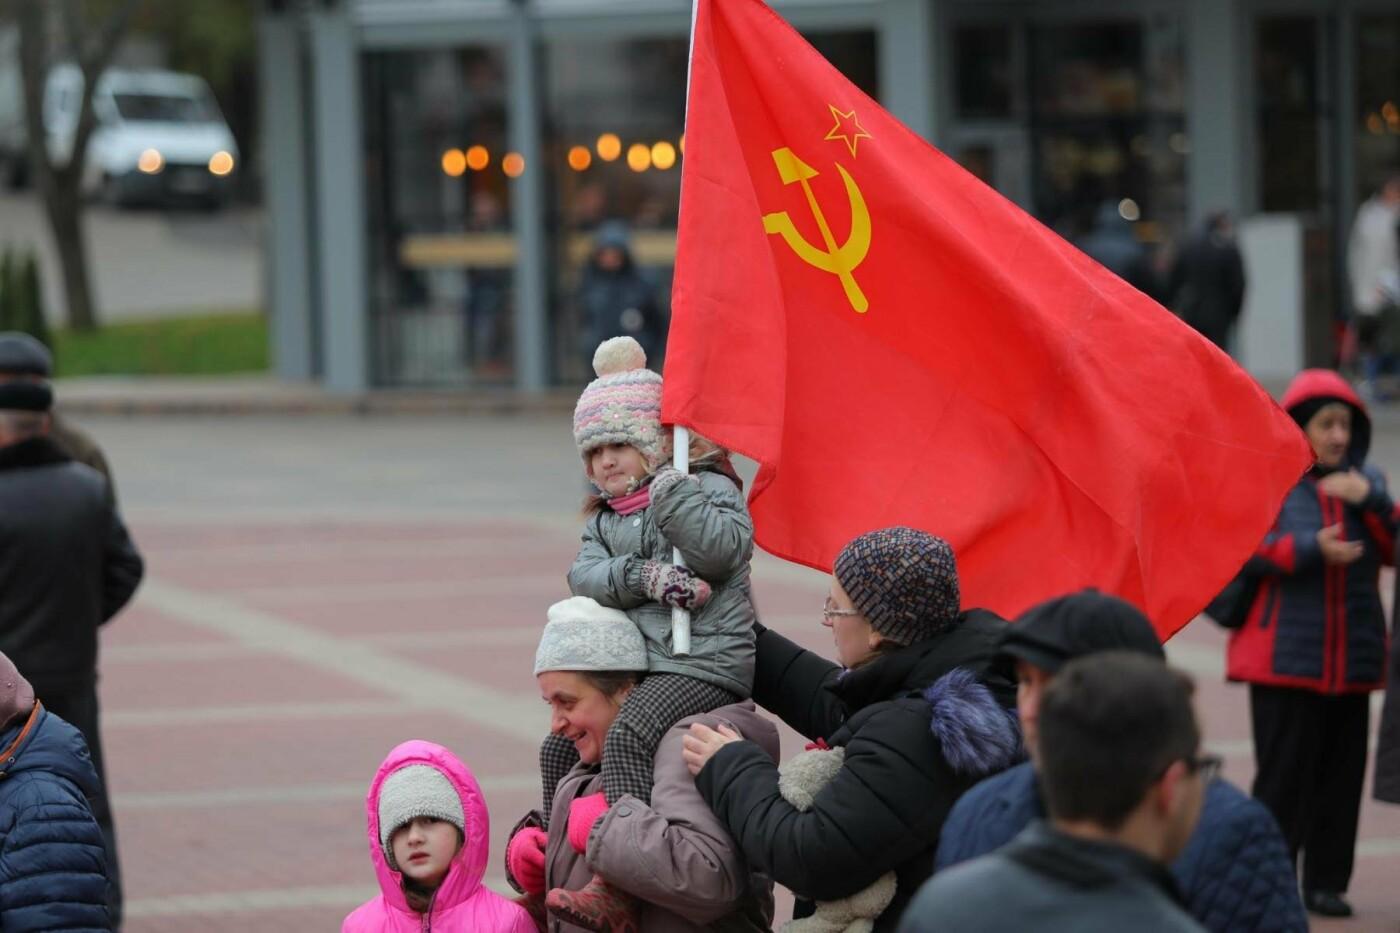 В парке Победы прошла демонстрация в честь 100-летия революции, фото-12